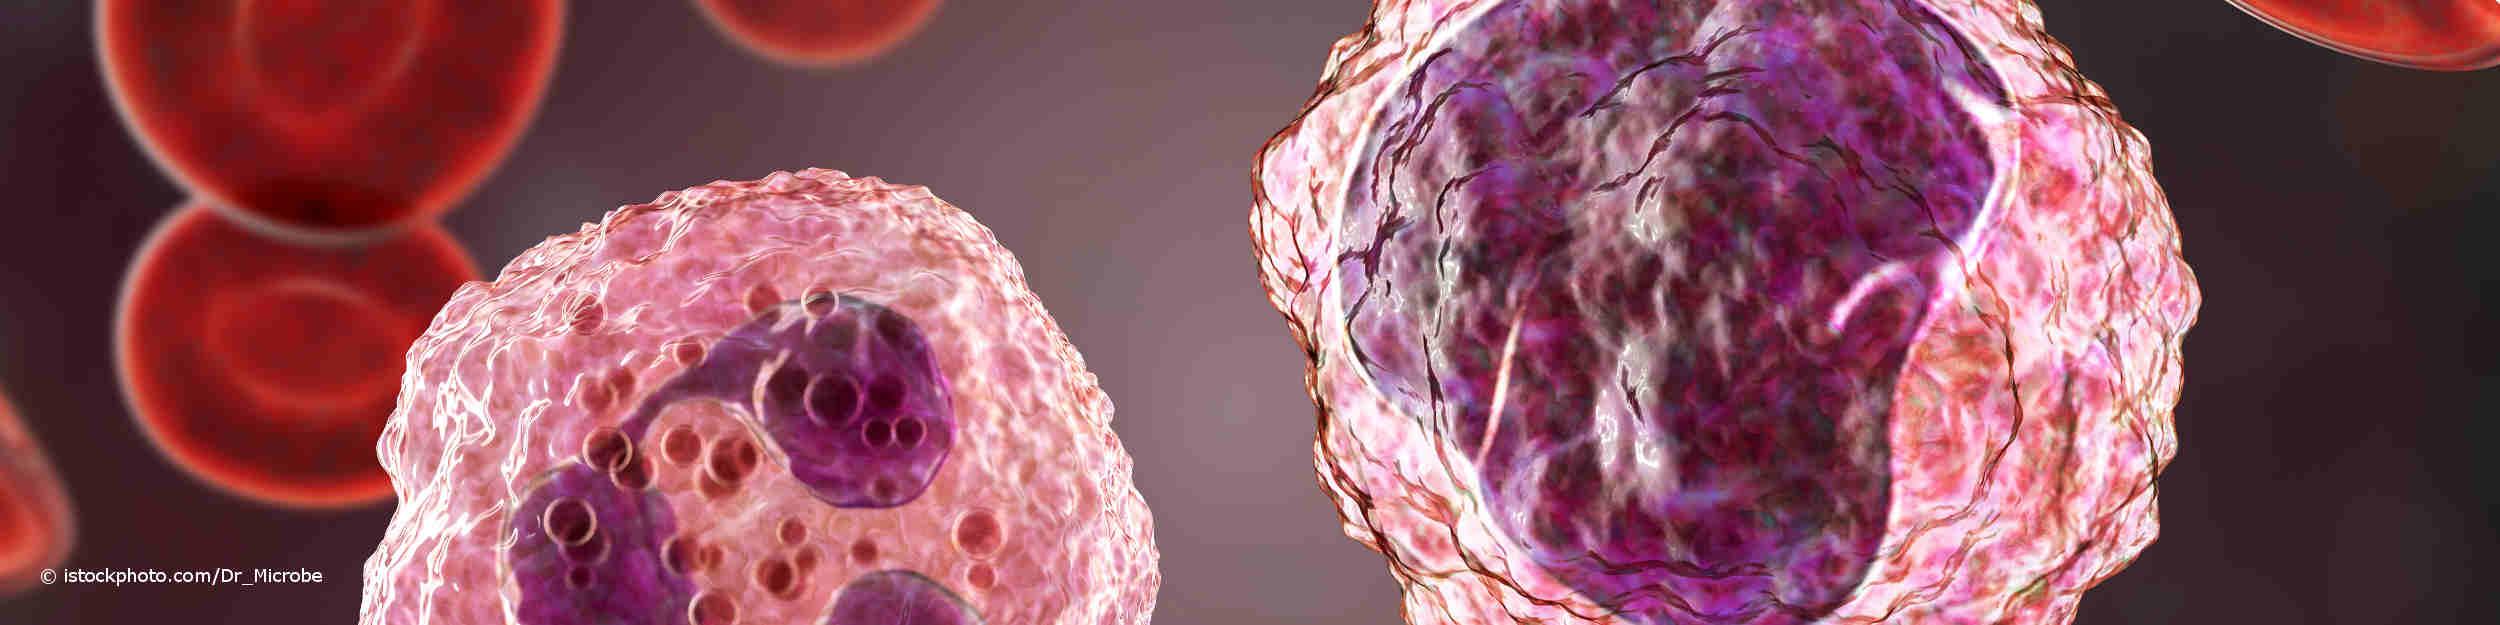 3-D-Illustration eines Monozyten, rechts und eines neutrophilen Granulozyten, umgeben von roten Blutkörperchen